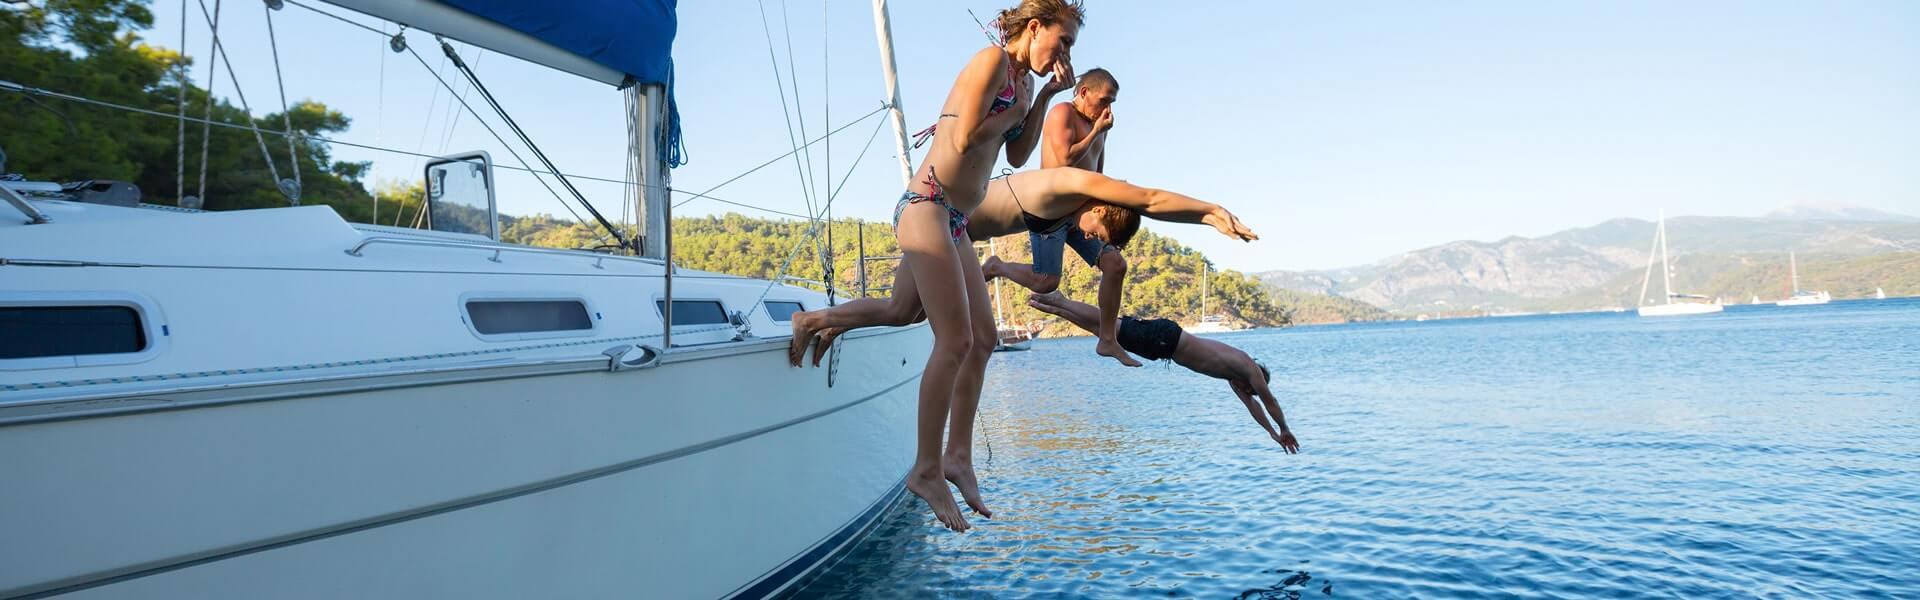 Segeln im Mittelmeer mit der Firma als Incentive Reise